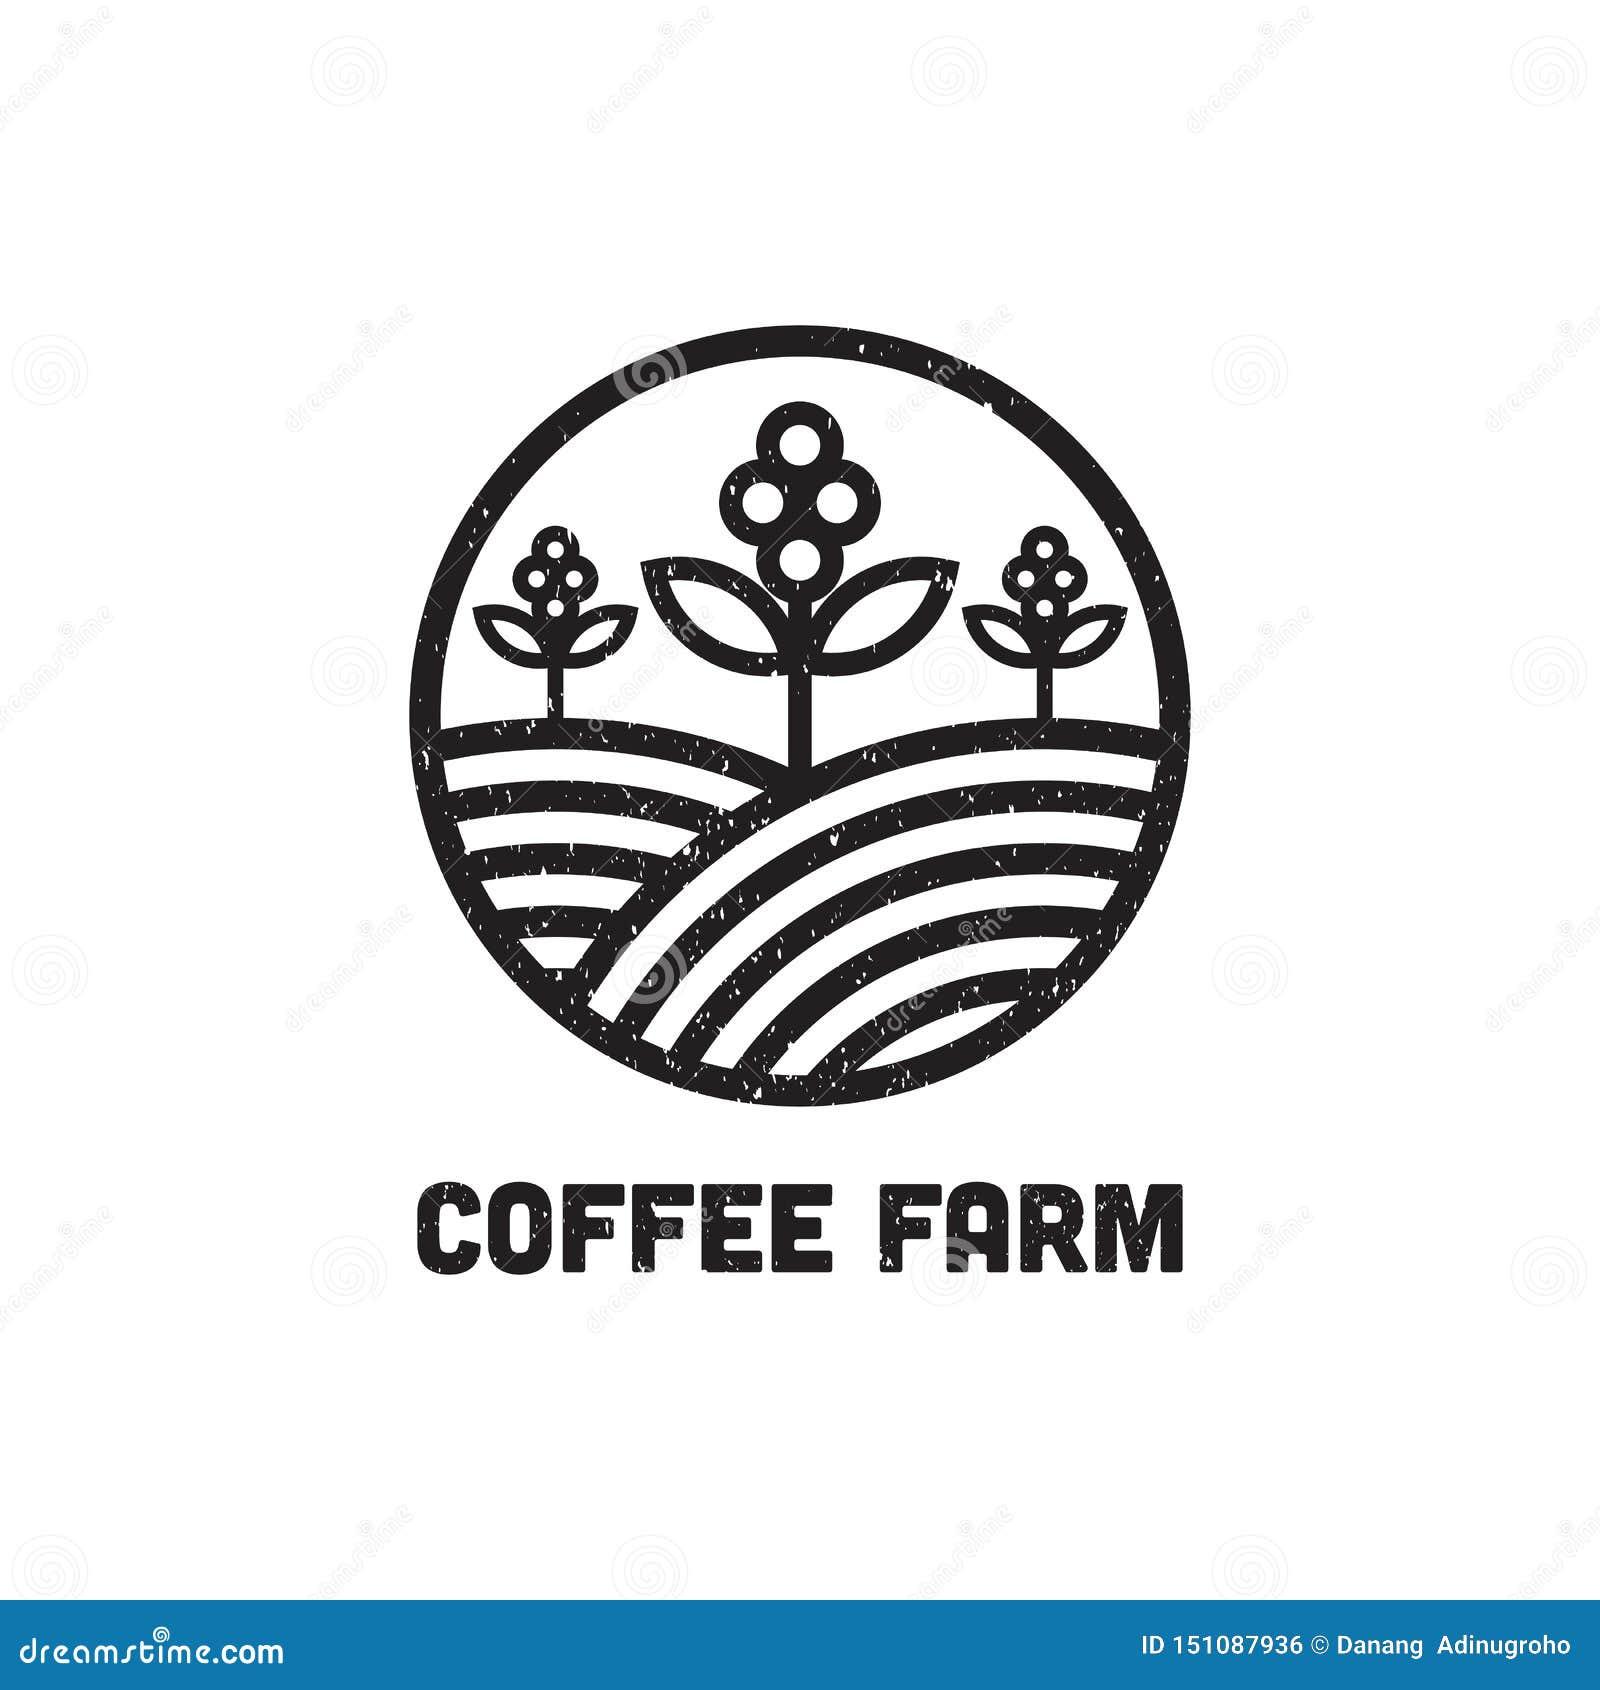 La granja Logo Design Inspiration del café, puede plantilla usada del logotipo del café y de la barra